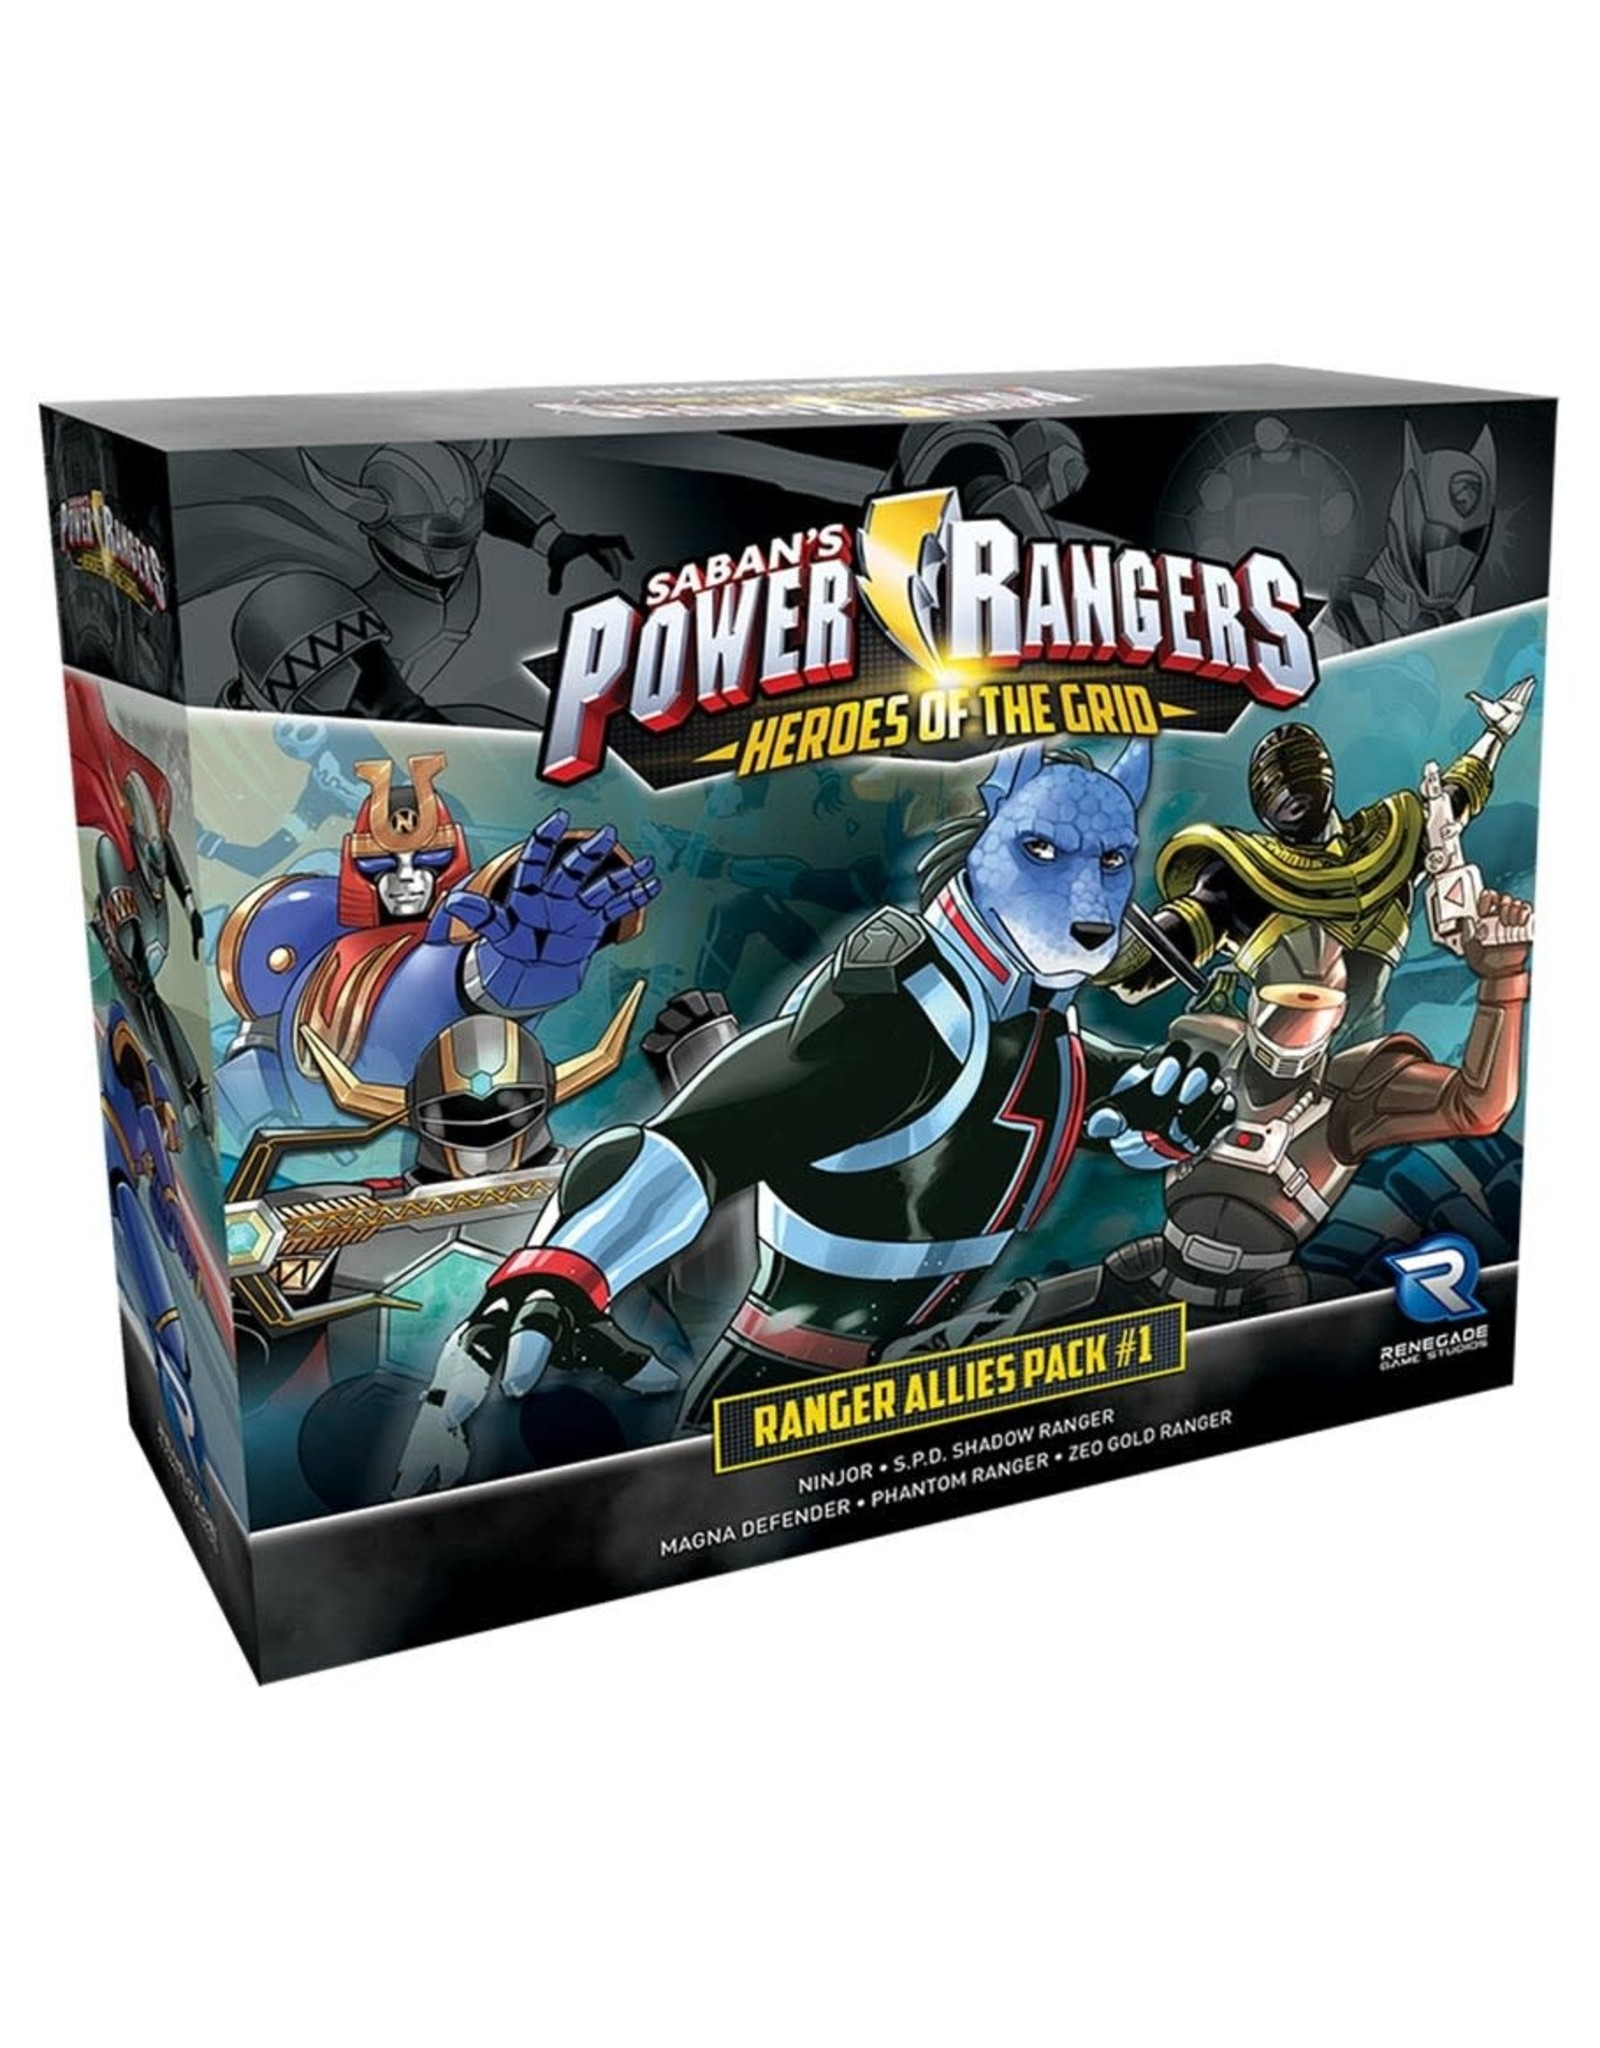 Renegade Power Rangers: Heroes of the Grid Allies Pack #1